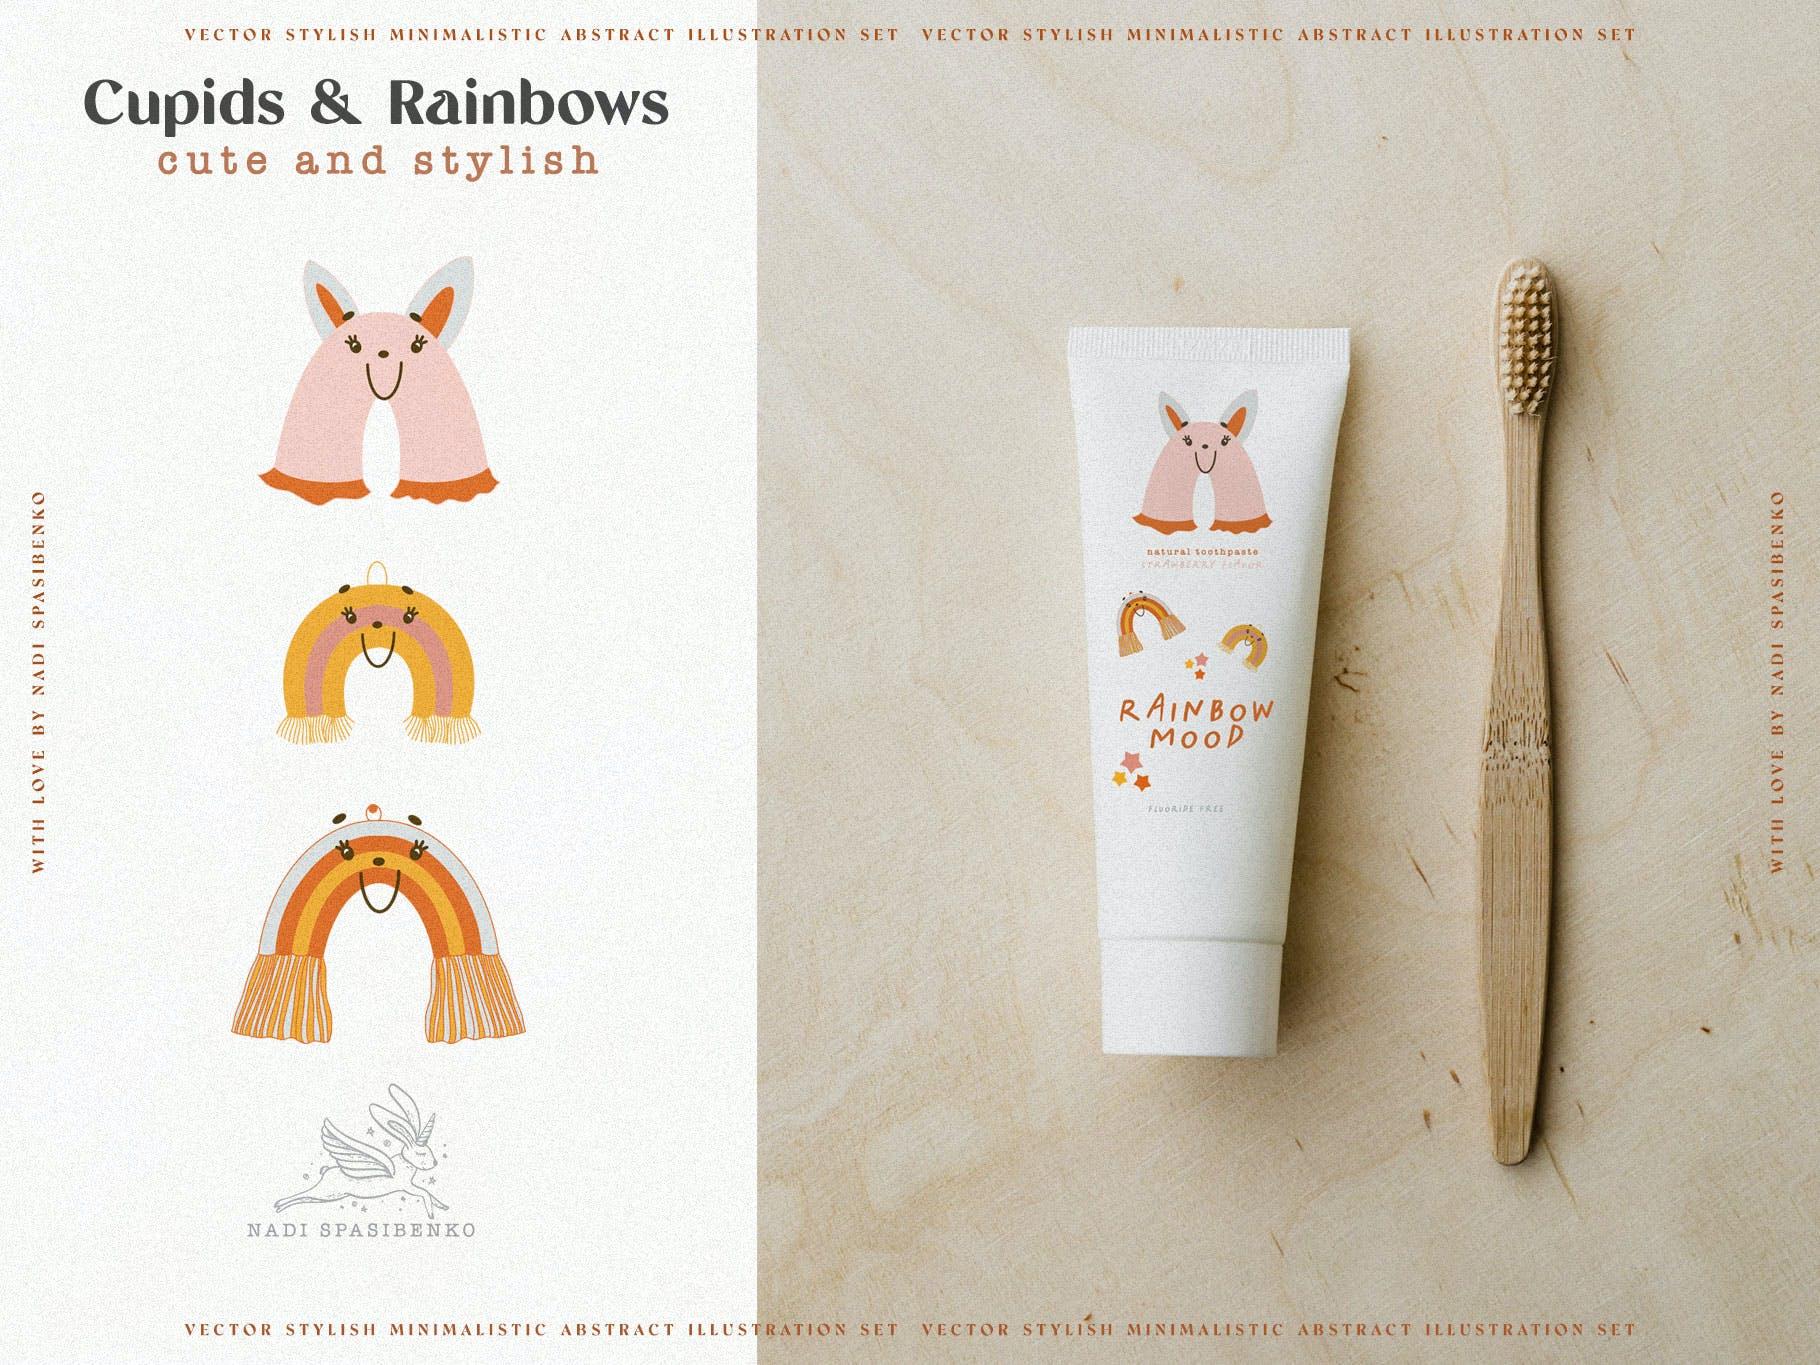 时尚抽象可爱卡通彩虹丘比特元素手绘插画矢量设计素材 Cupids & Cute Rainbows插图5